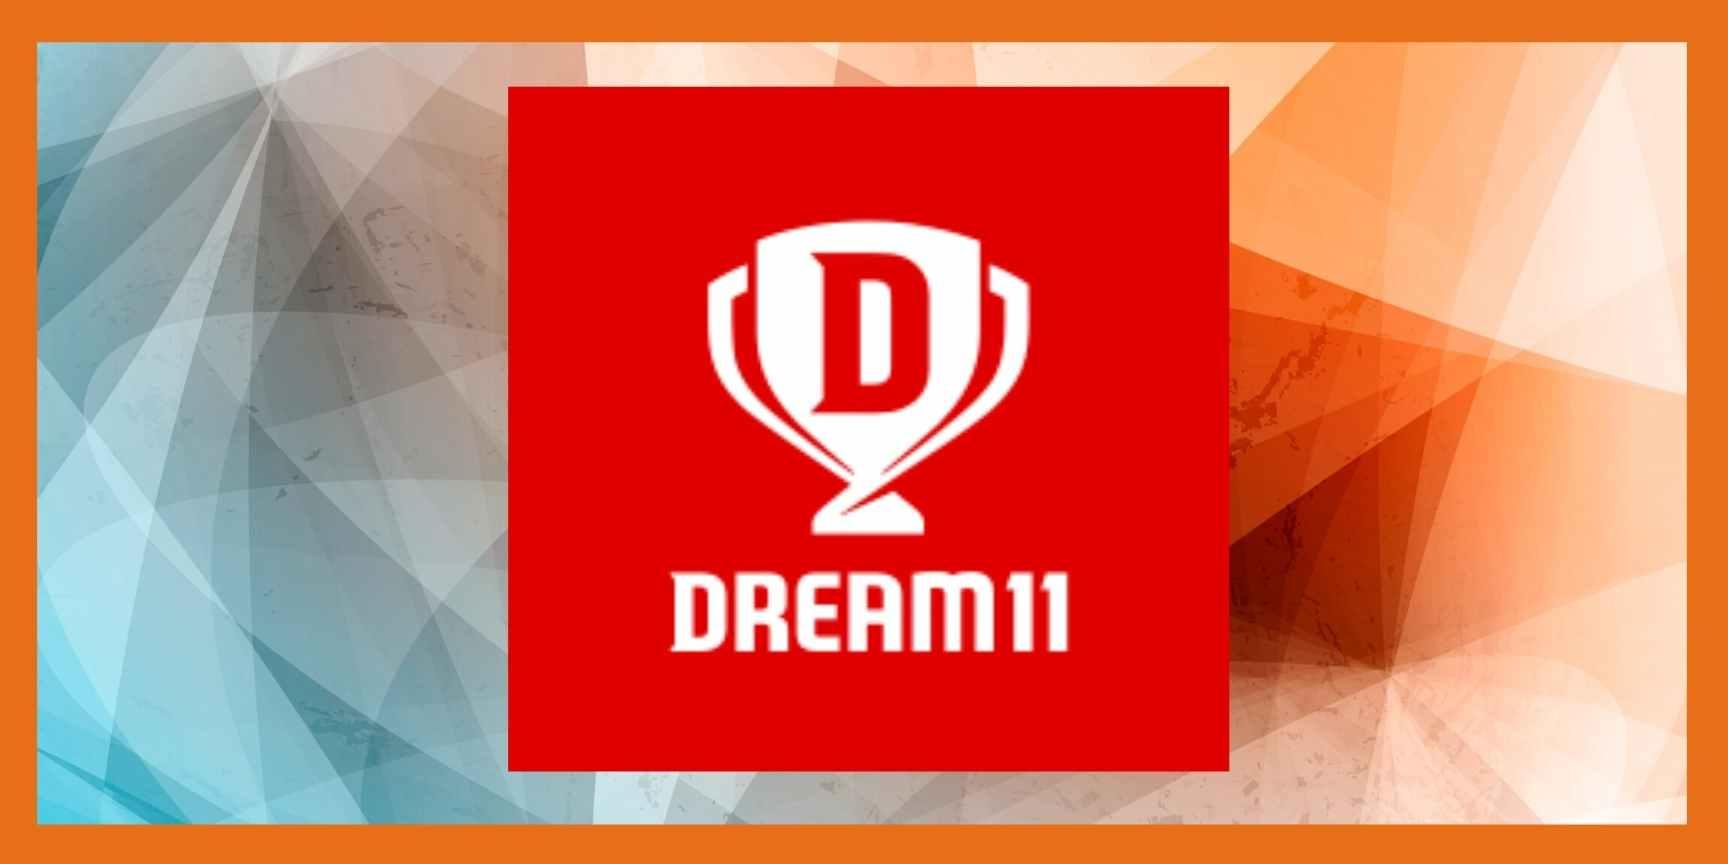 Dream 11